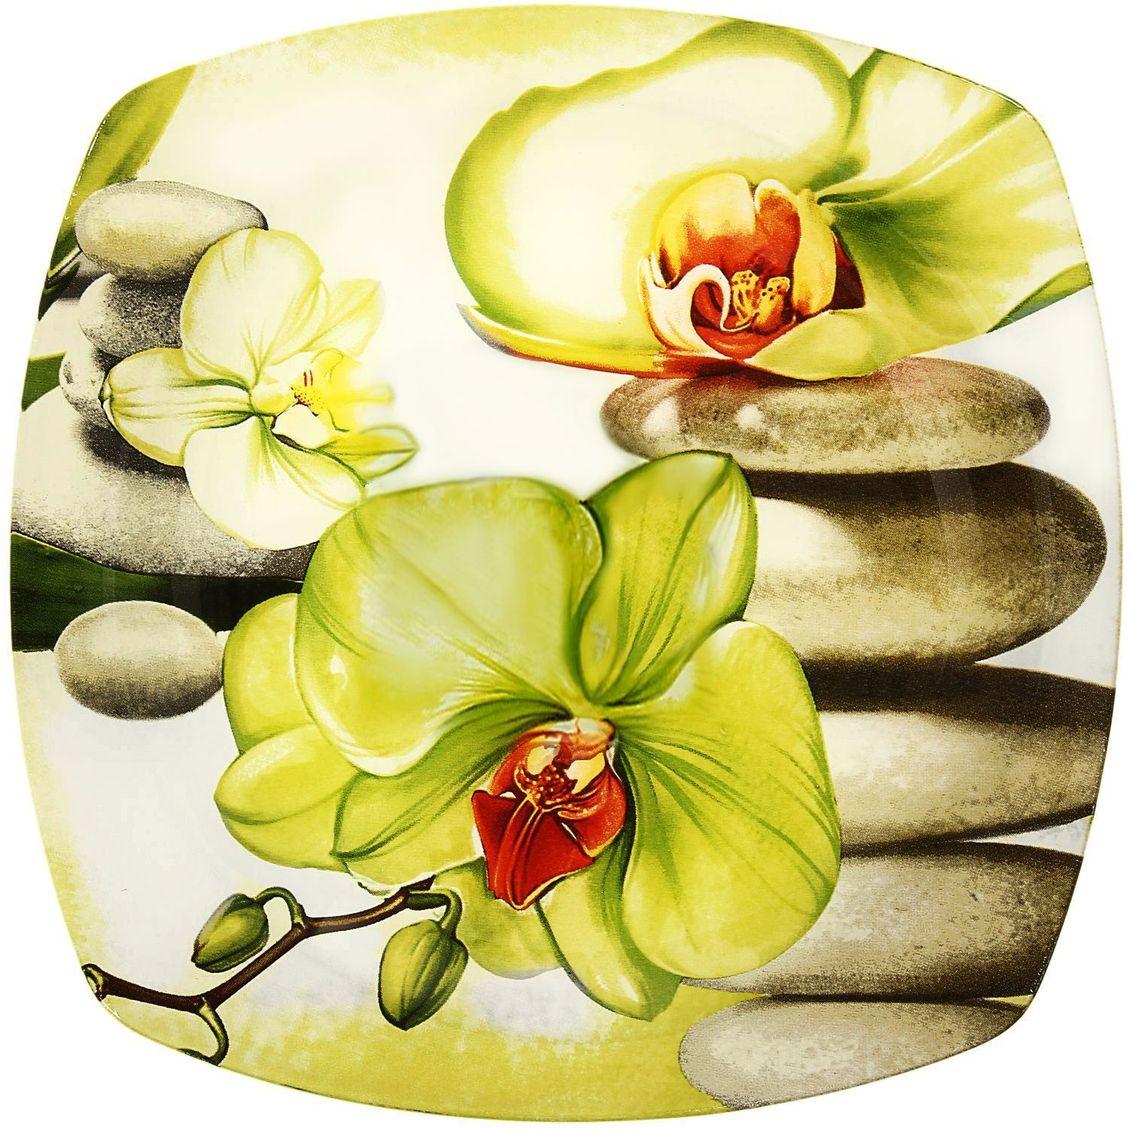 Тарелка десертная Доляна Зеленая орхидея, диаметр 20 см115510Тарелка Доляна с природными мотивами в оформлении разнообразит интерьер кухни и сделает застолье самобытным и запоминающимся. Качественное стекло не впитывает запахов, гладкая поверхность обеспечивает легкость мытья.Рекомендуется избегать использования абразивных моющих средств.Делайте любимый дом уютнее!